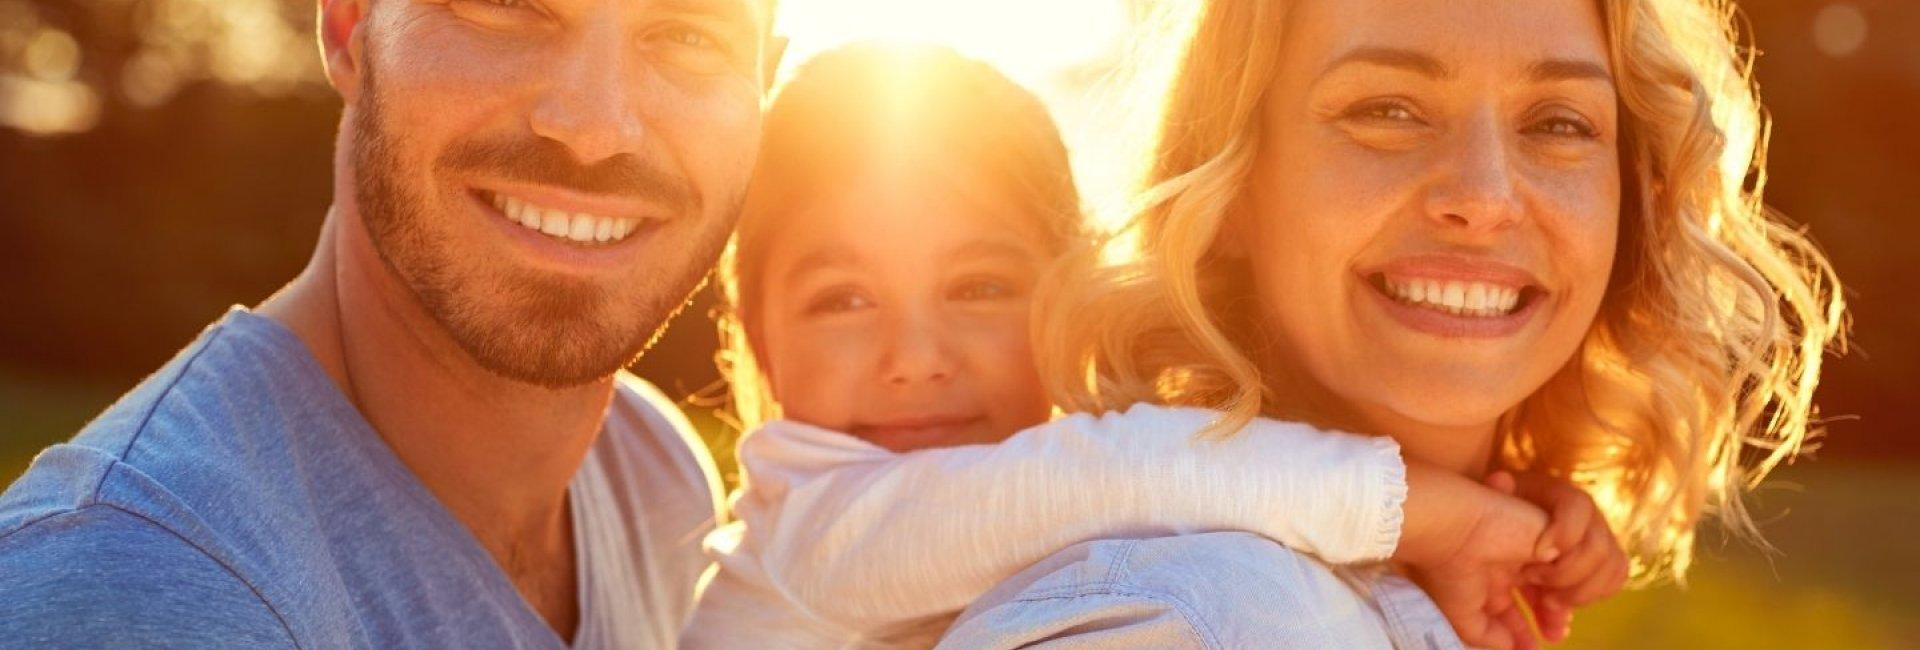 Pakiet Rodzinny w Rosevii - Dzieci śpią gratis